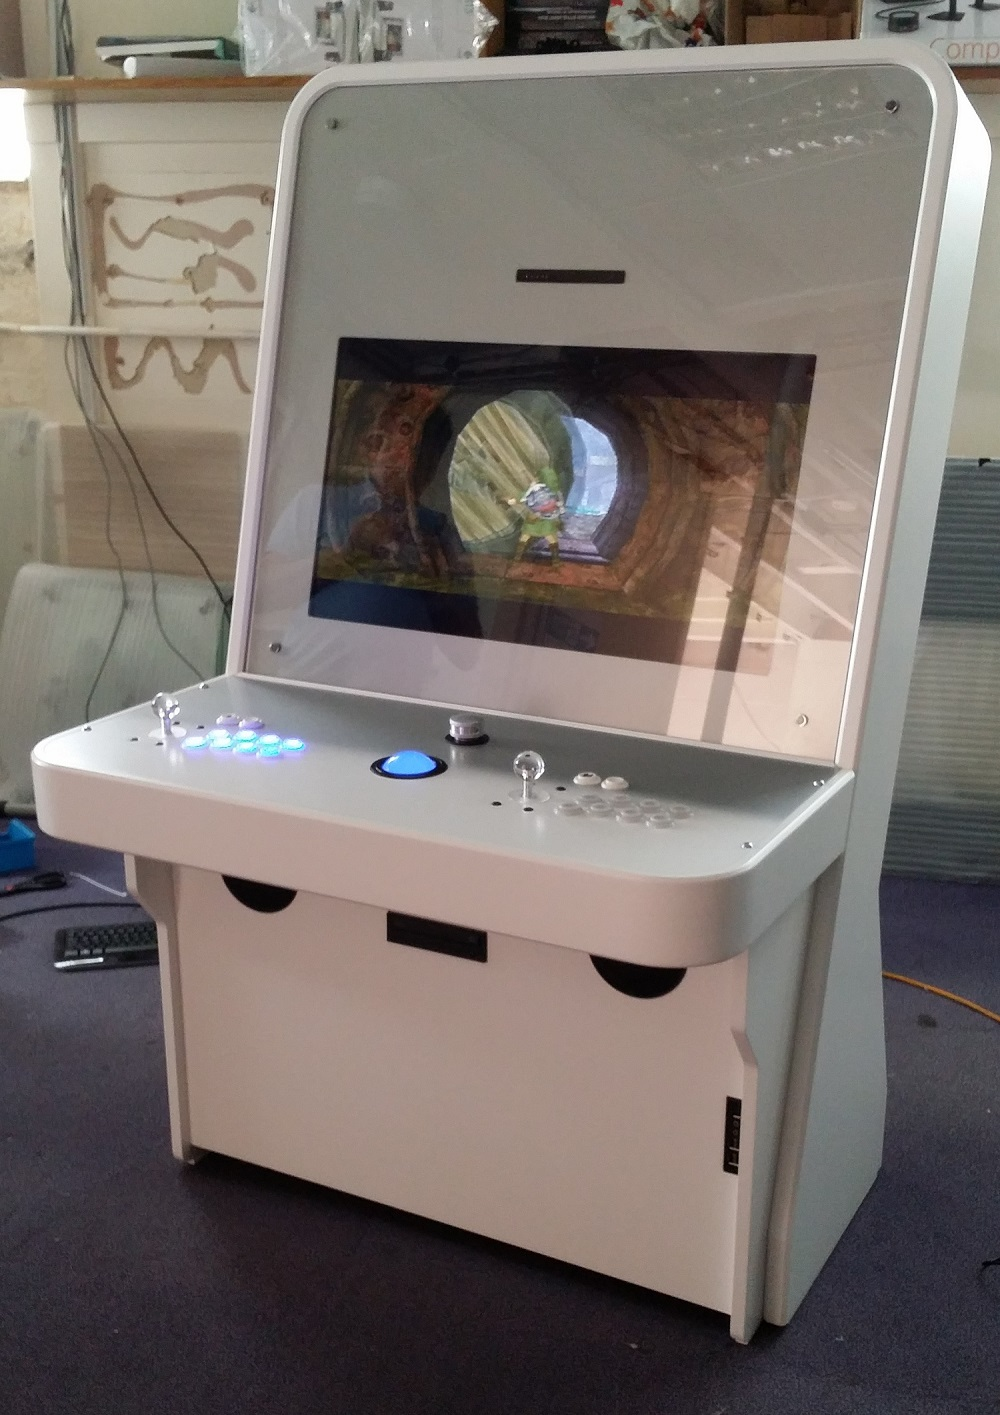 Nu Gen Arcade Machines Video Arcade Machines Retro Nu Gen Arcade Machines Wotever